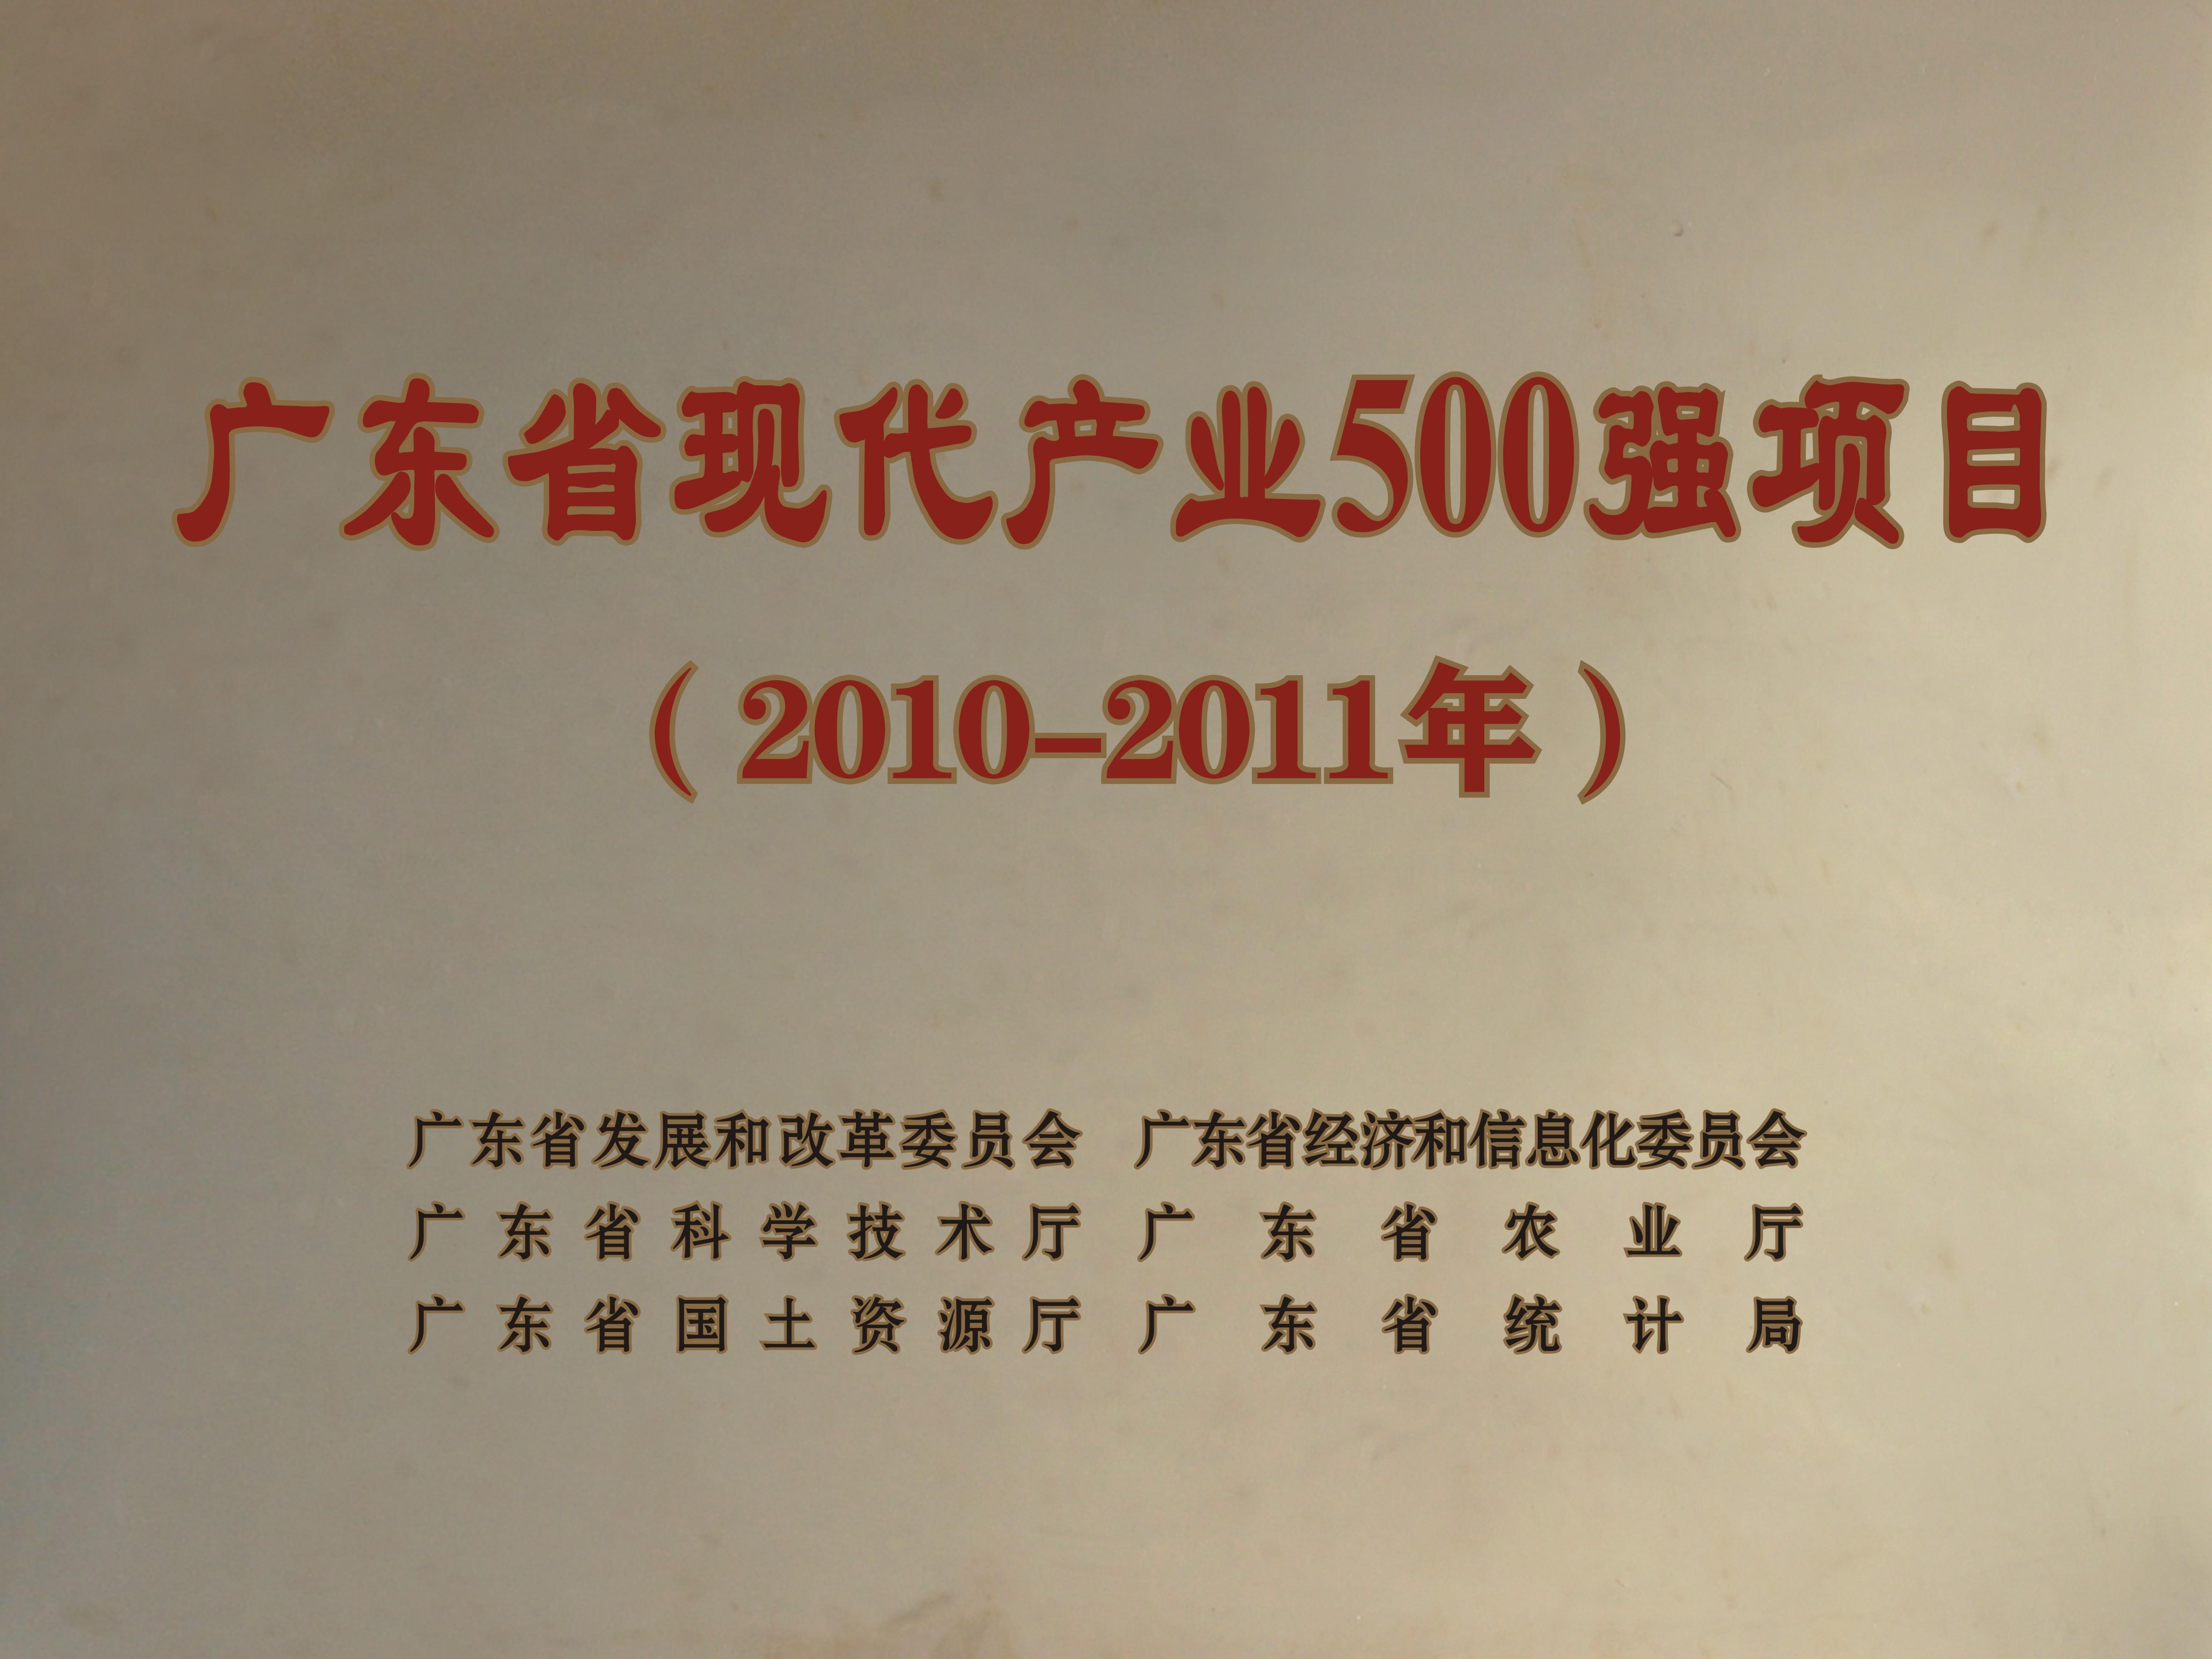 廣東省現代產業500強項目-2010-2011年